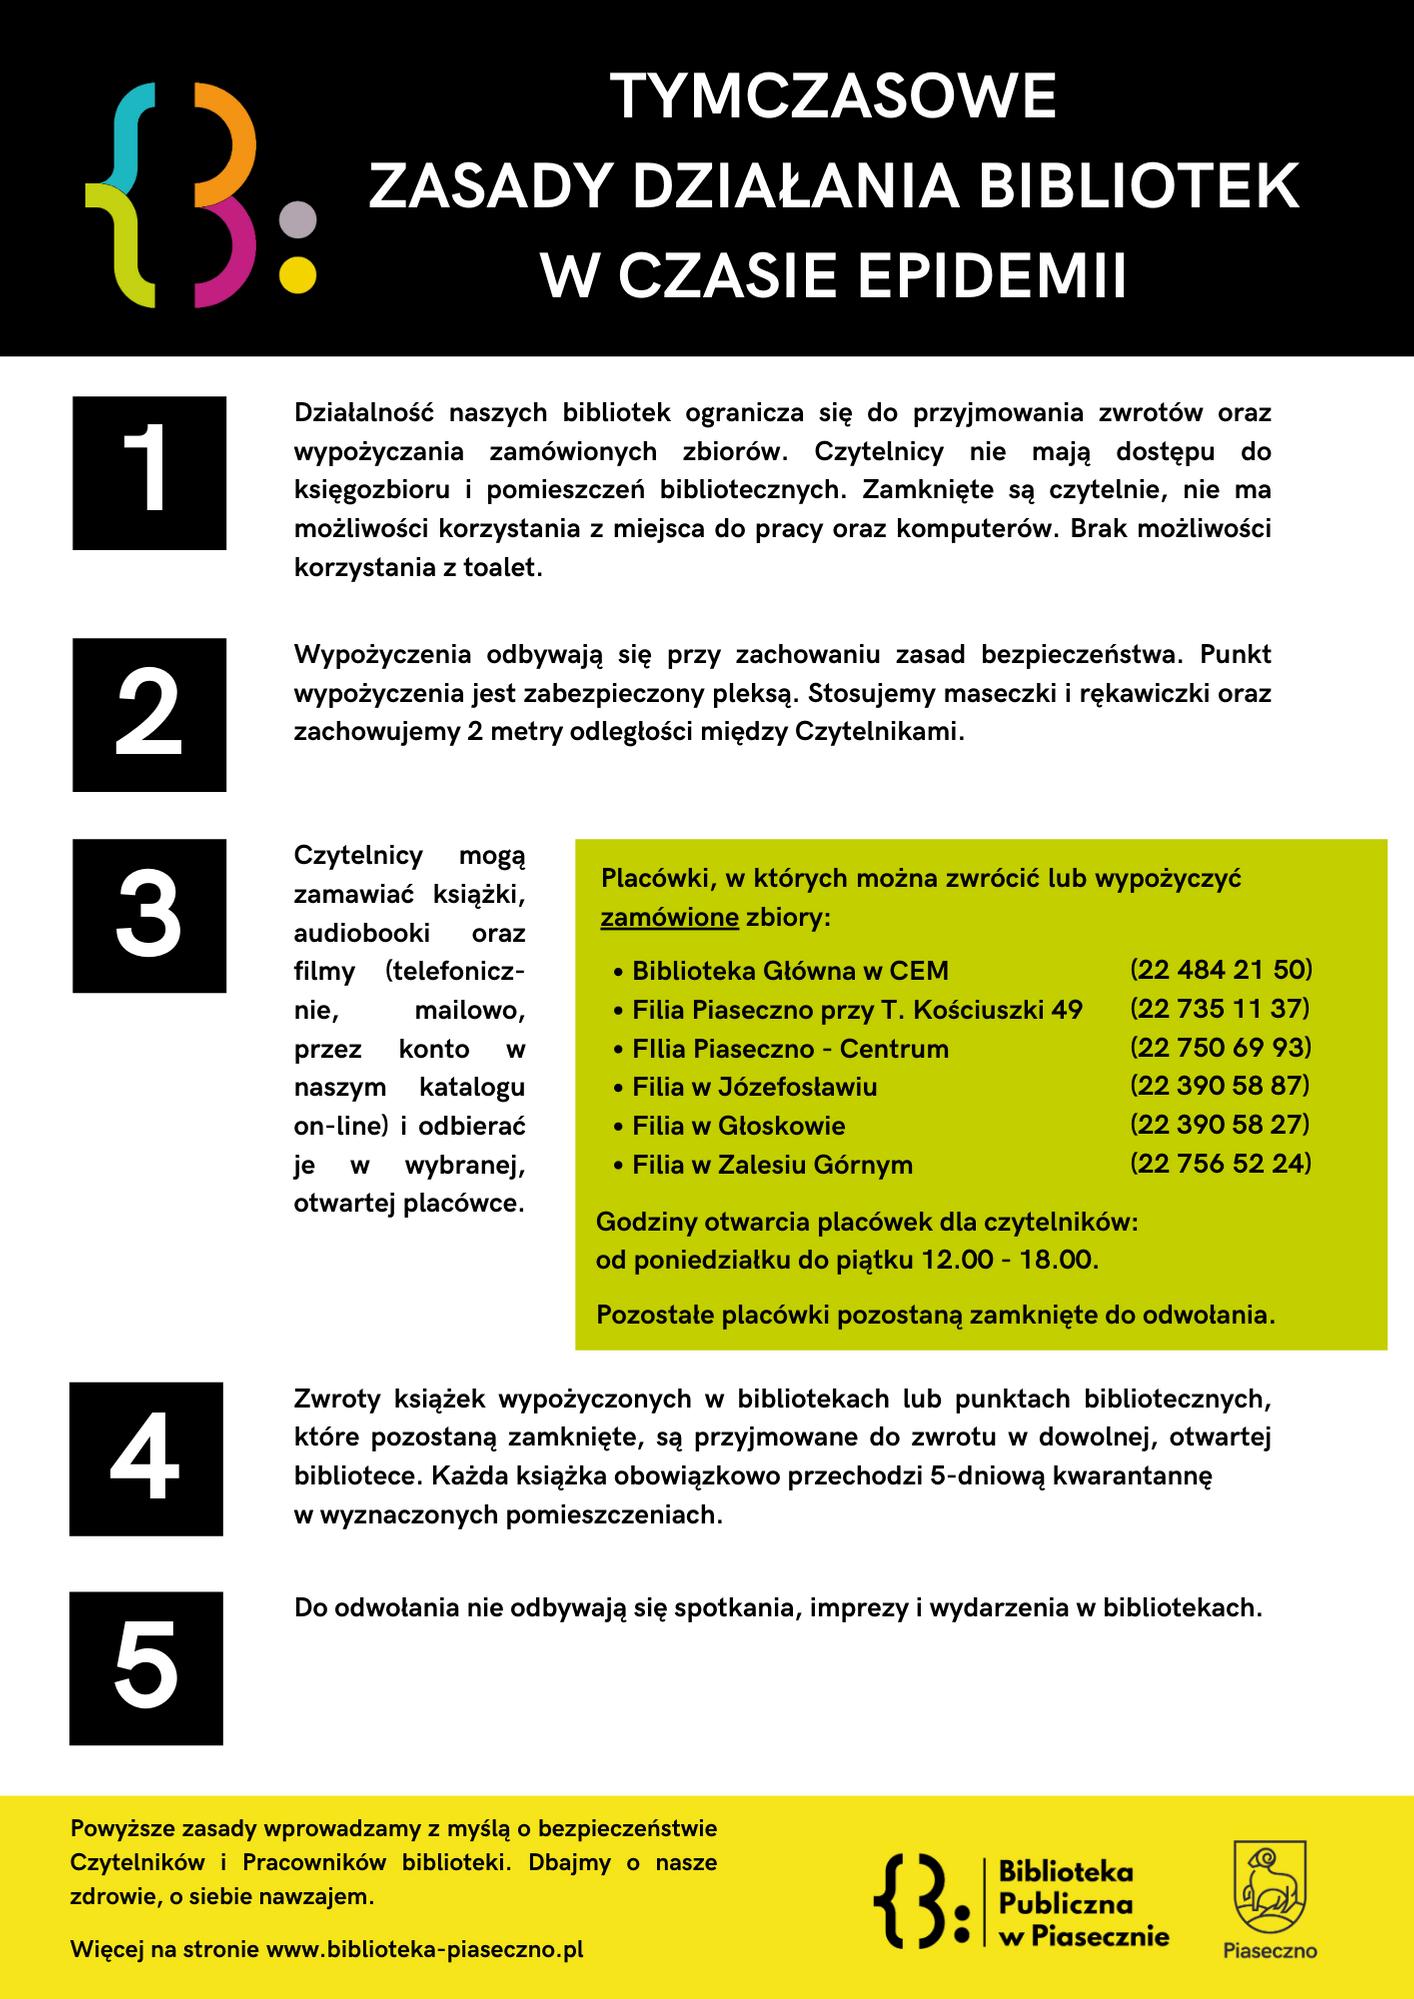 Tymczasowe zasady działania bibliotek -Biblioteka Publiczna w Piasecznie